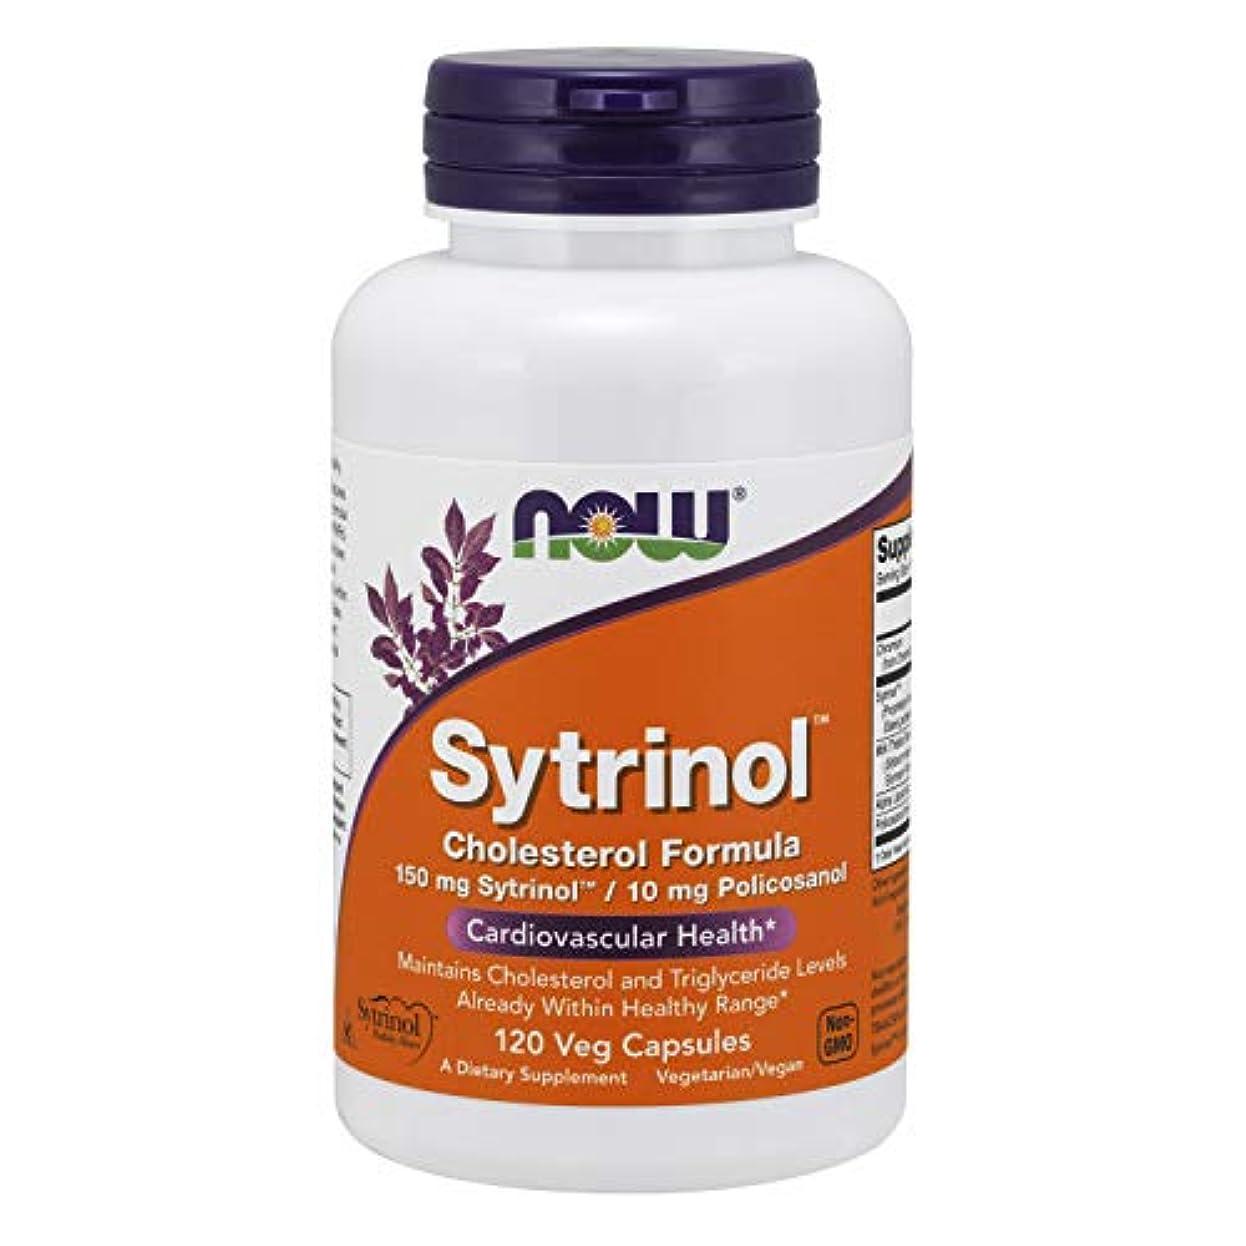 スワップ買収借りる海外直送品 Now Foods Sytrinol, 120 Vcaps 150 mg